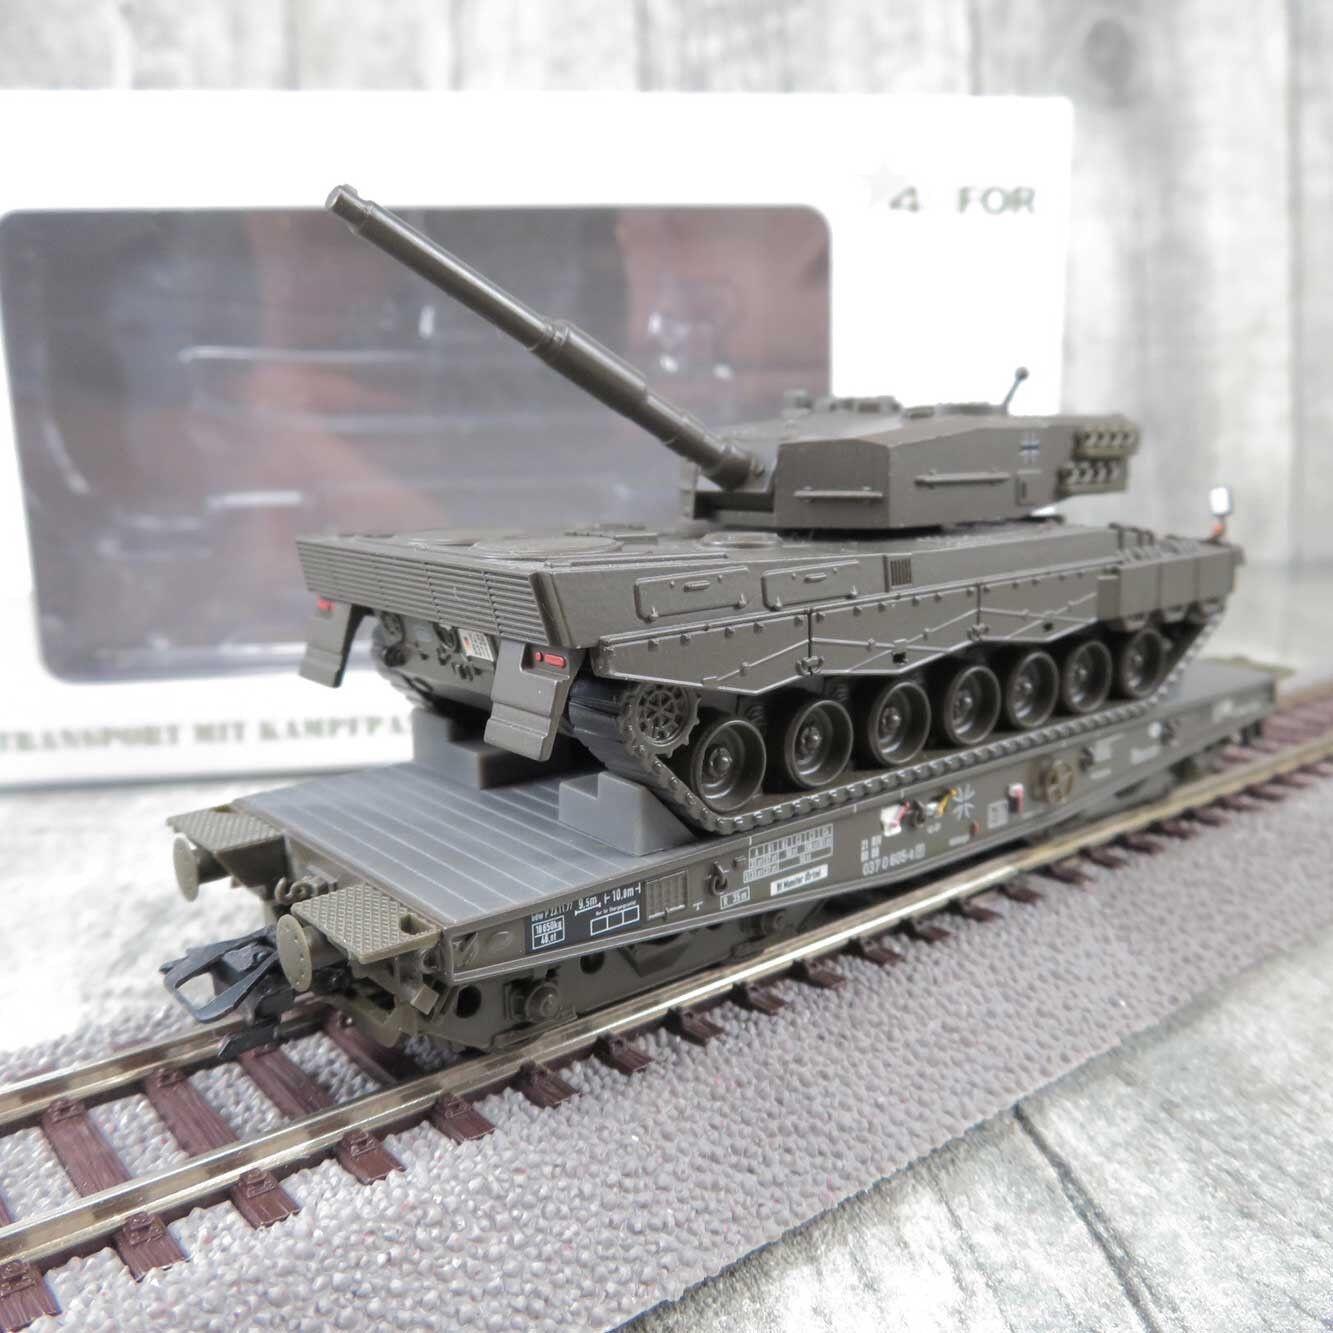 venta con descuento 4MFOR 48739-02 - H0 - Bahntransport + Kampfpanzer Leopard 2 2 2 - DB - OVP -  H20305  tienda de venta en línea